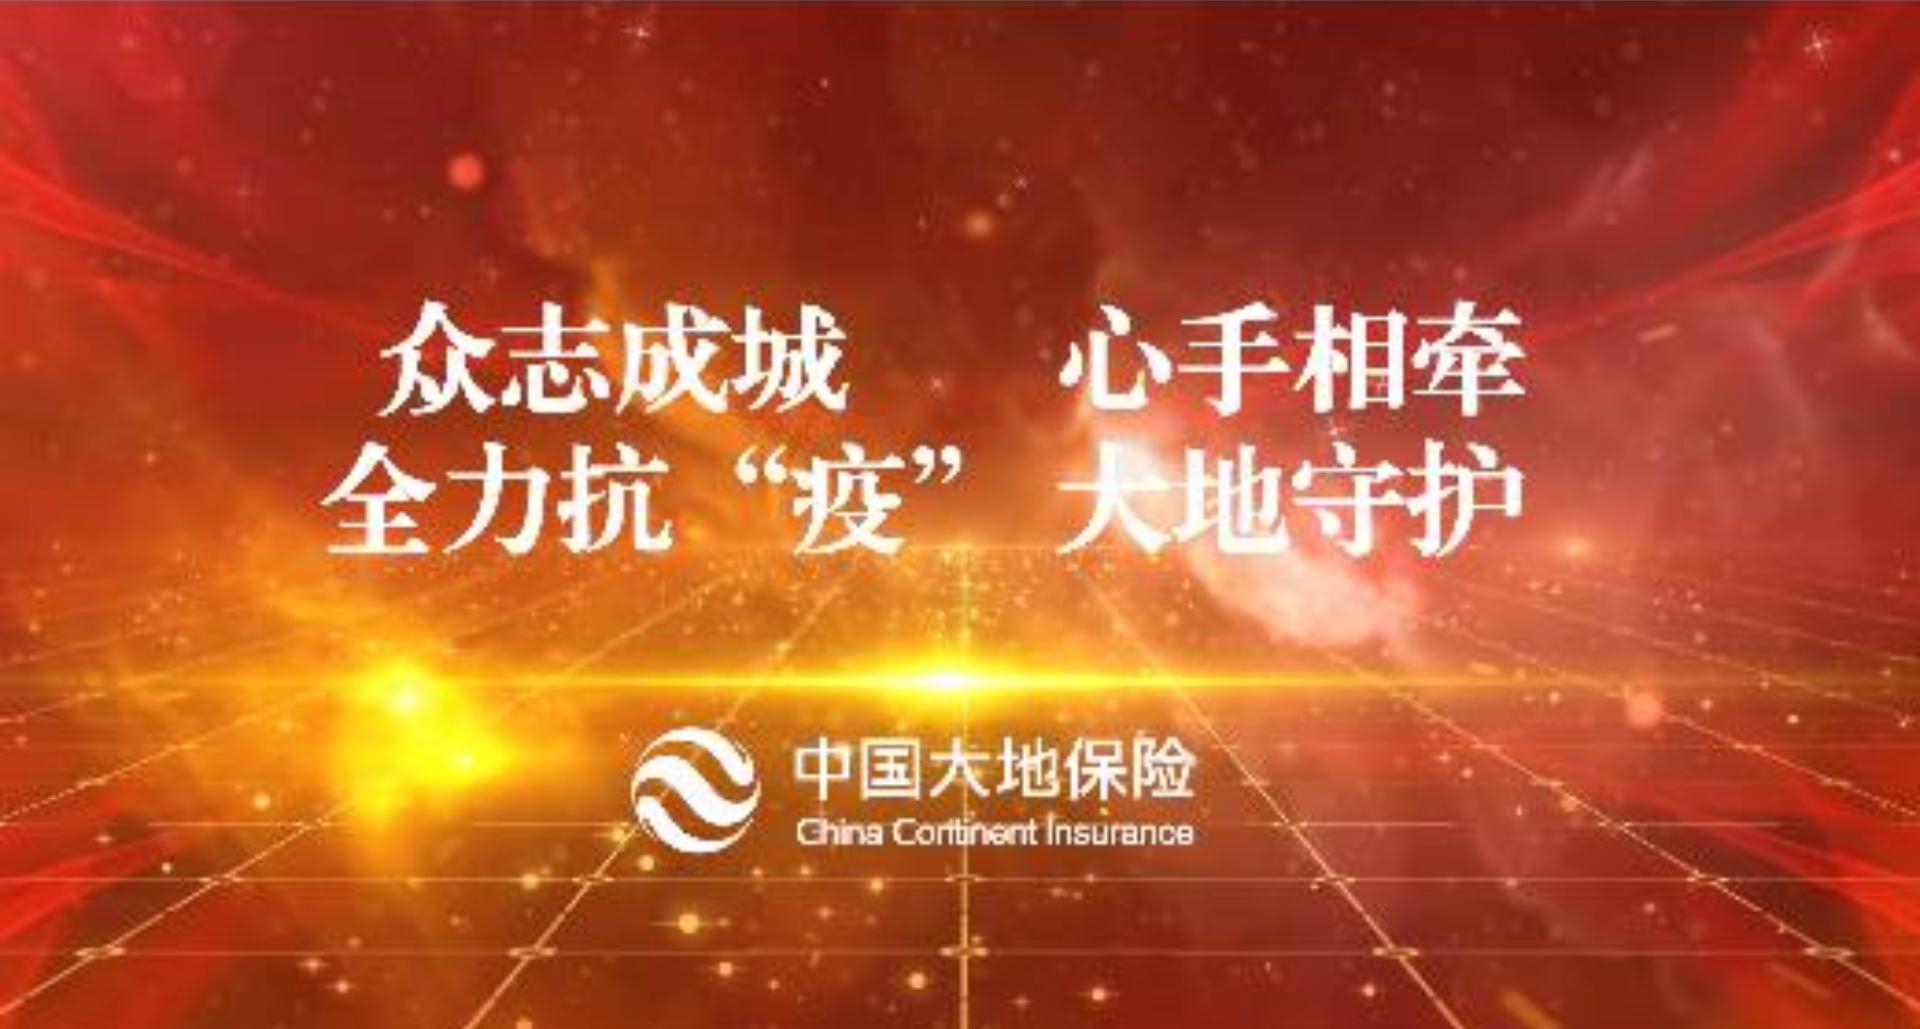 """中國大地保險:眾志成城 全力抗""""疫"""""""